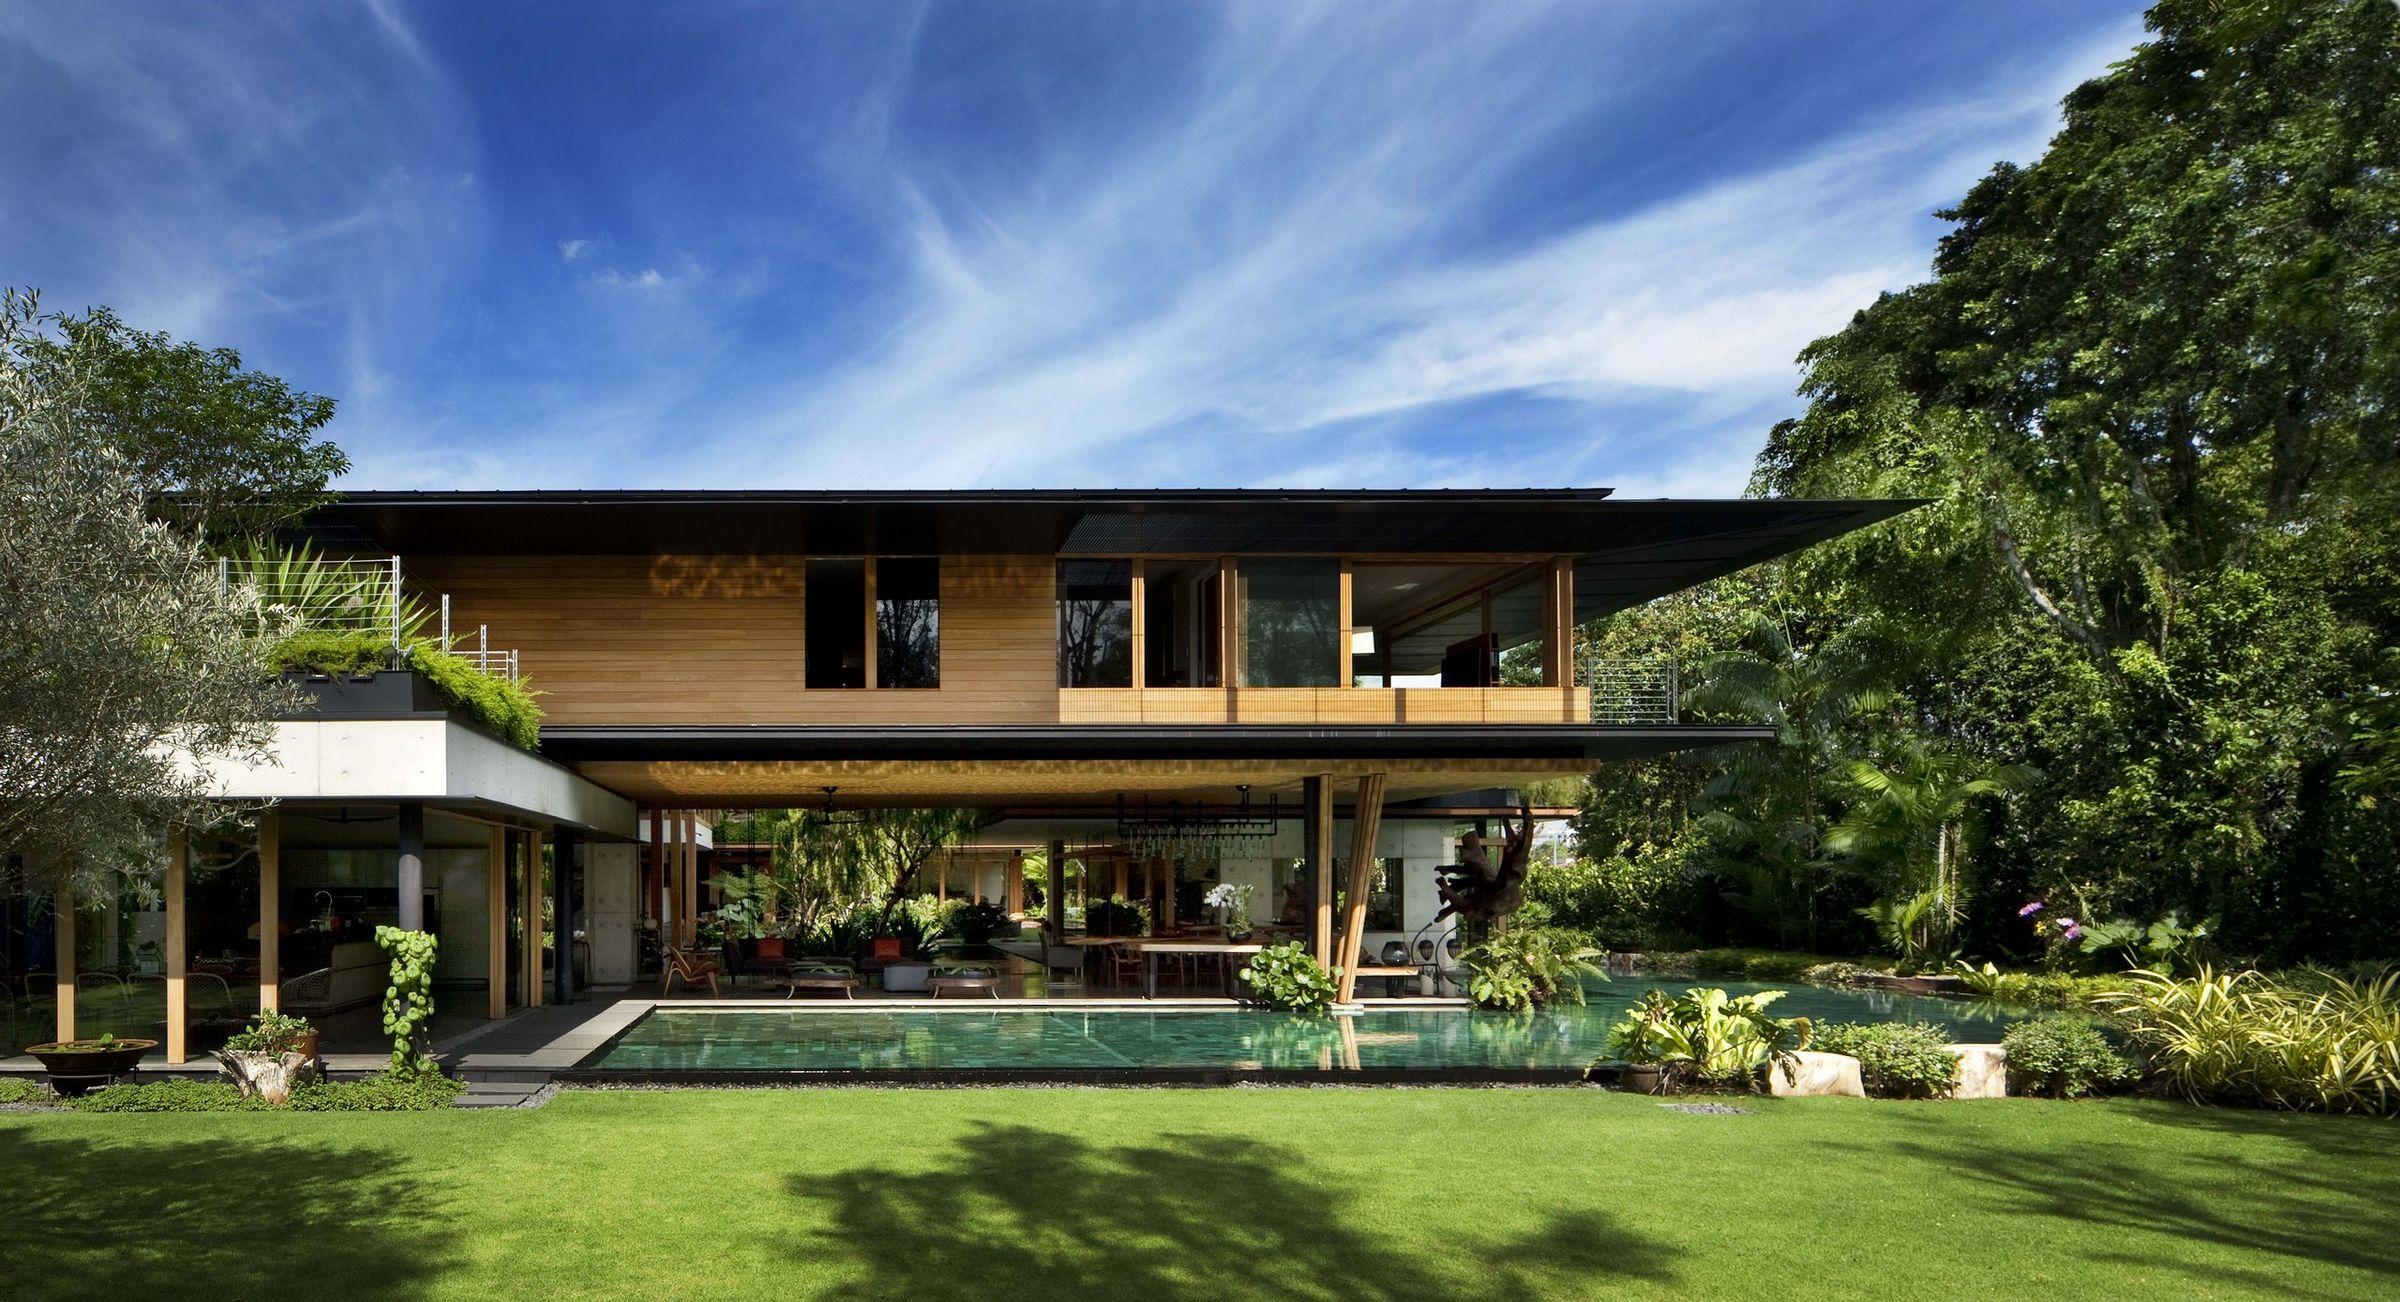 cac mau nha biet thu co san vuon dep nhat the gioi 7 50+ mẫu nhà biệt thự có sân vườn xanh mát mê mọi góc cạnh của thế giới